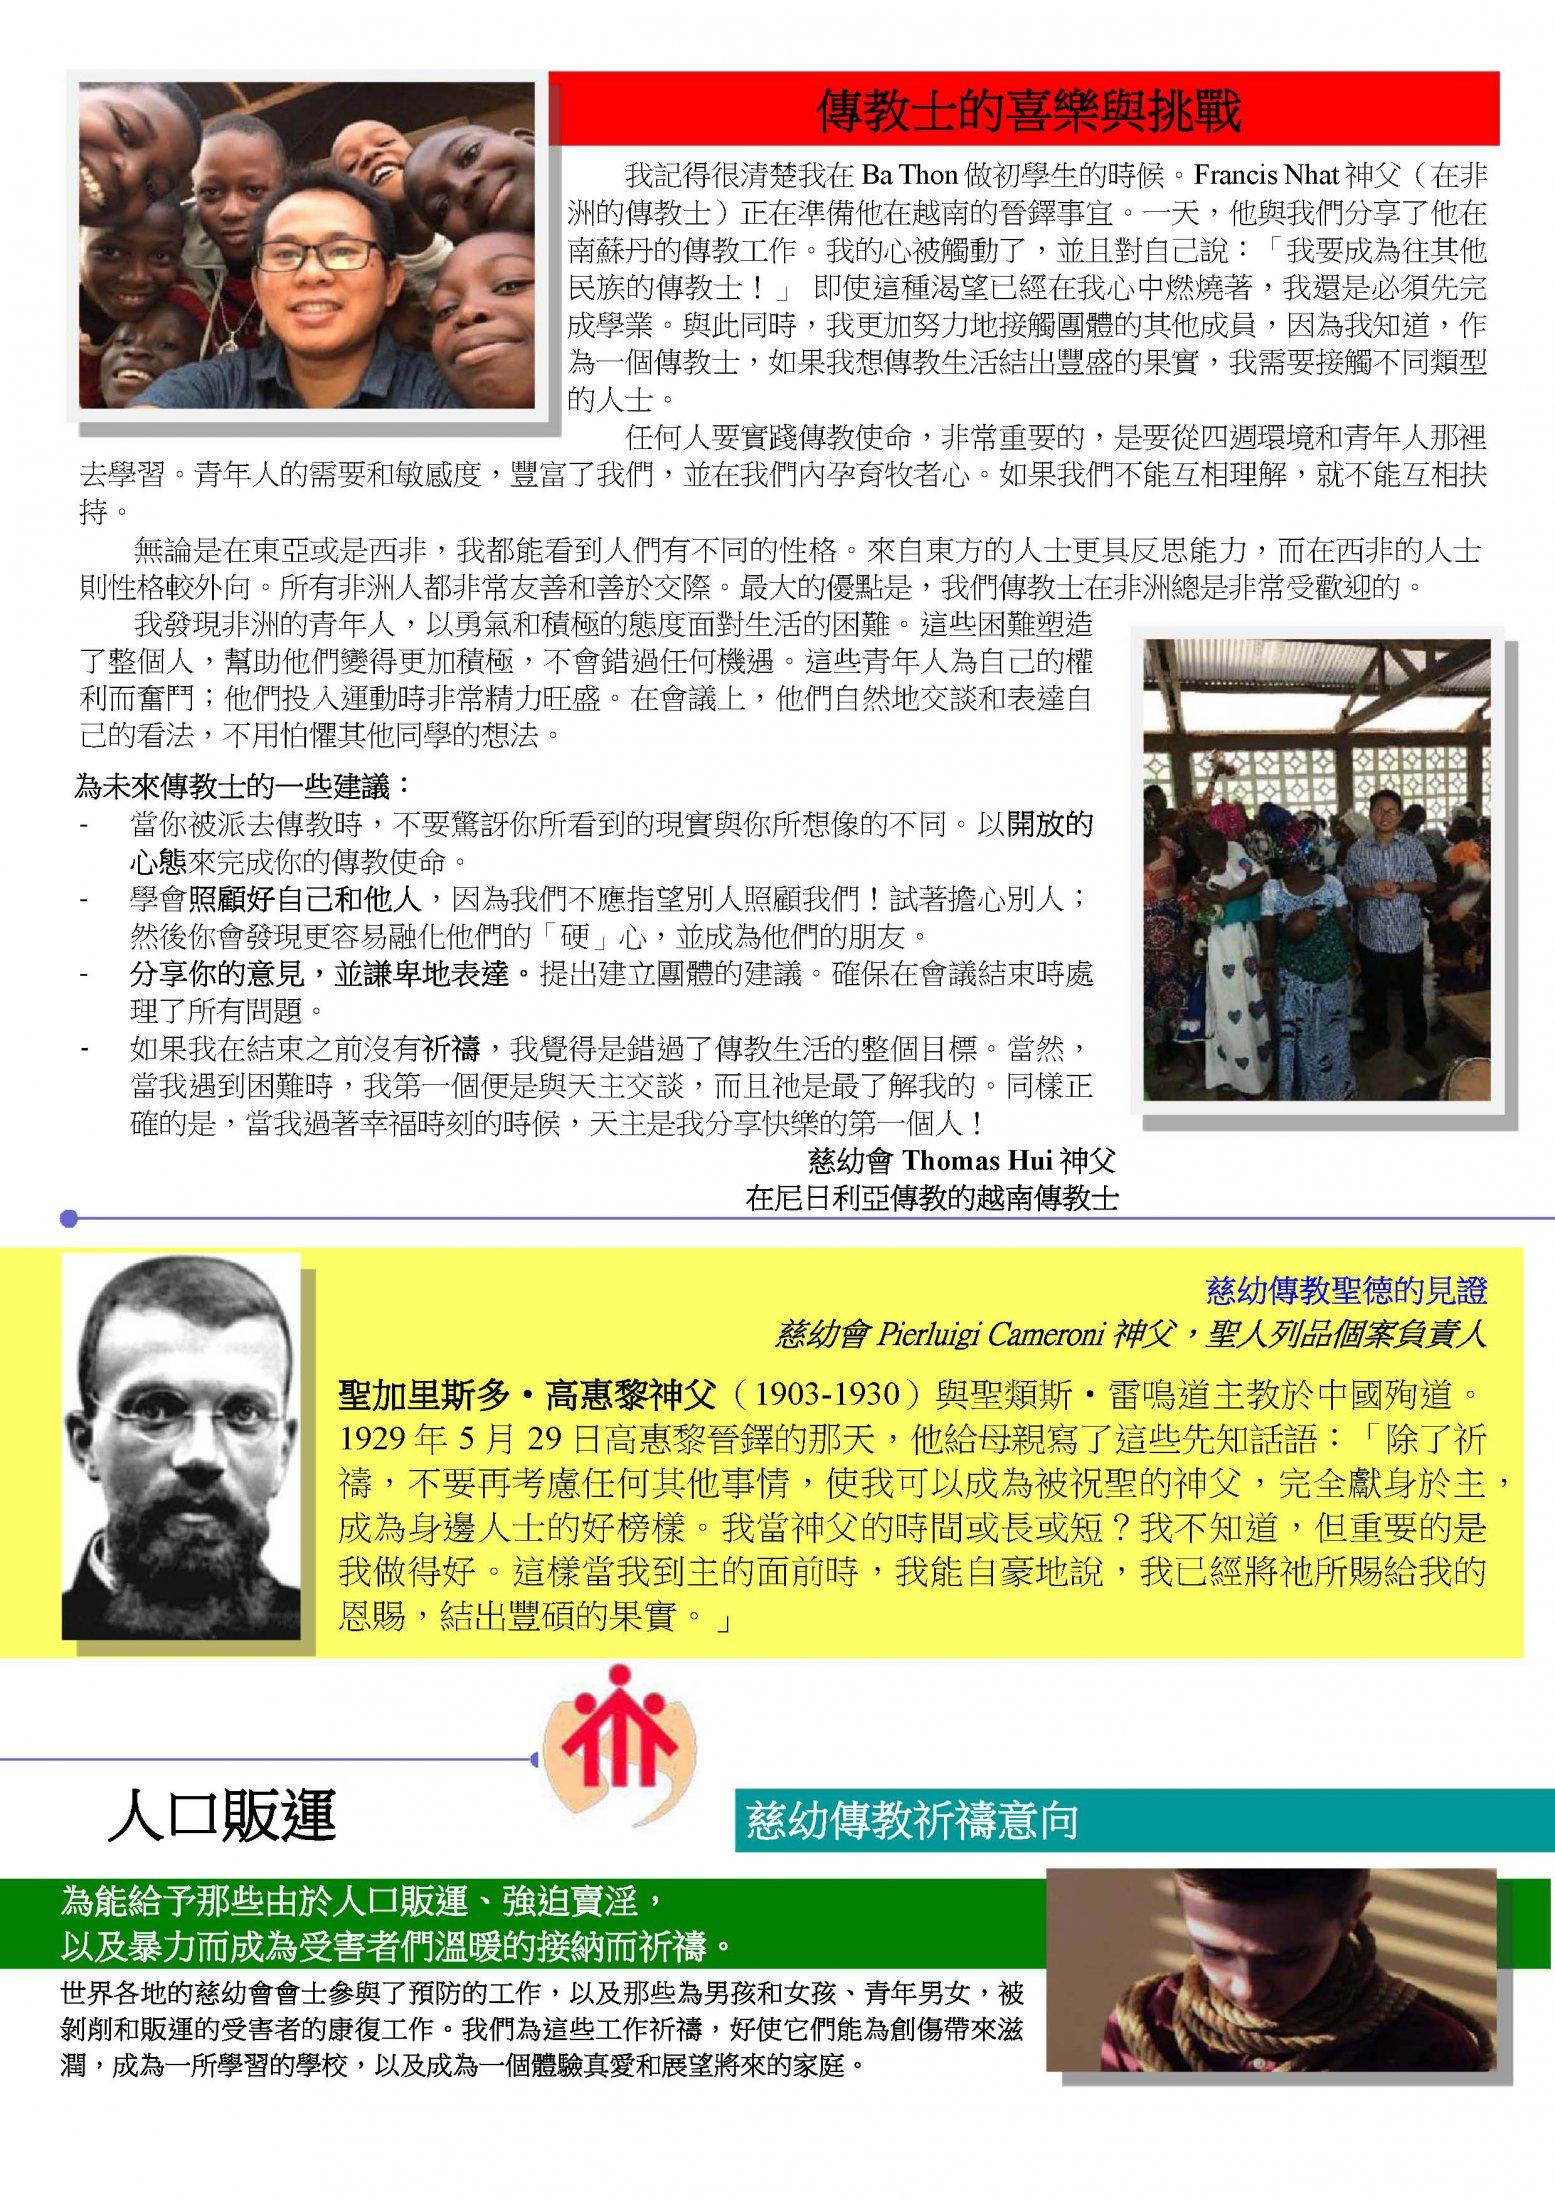 Cagliero 11 February 2019 中文 Page 2